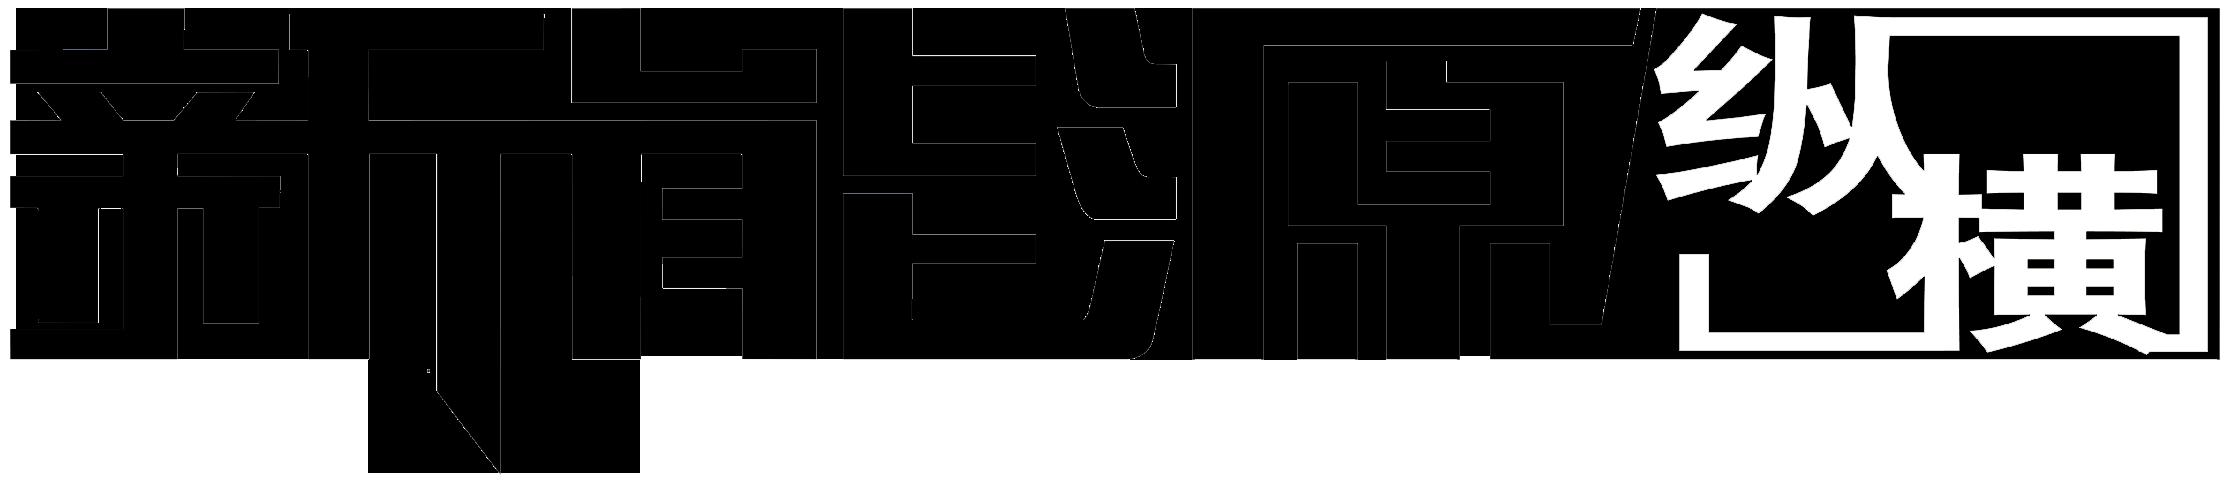 龙8国际客户端下载-龙8国际平台入口-龙8国际欢迎您